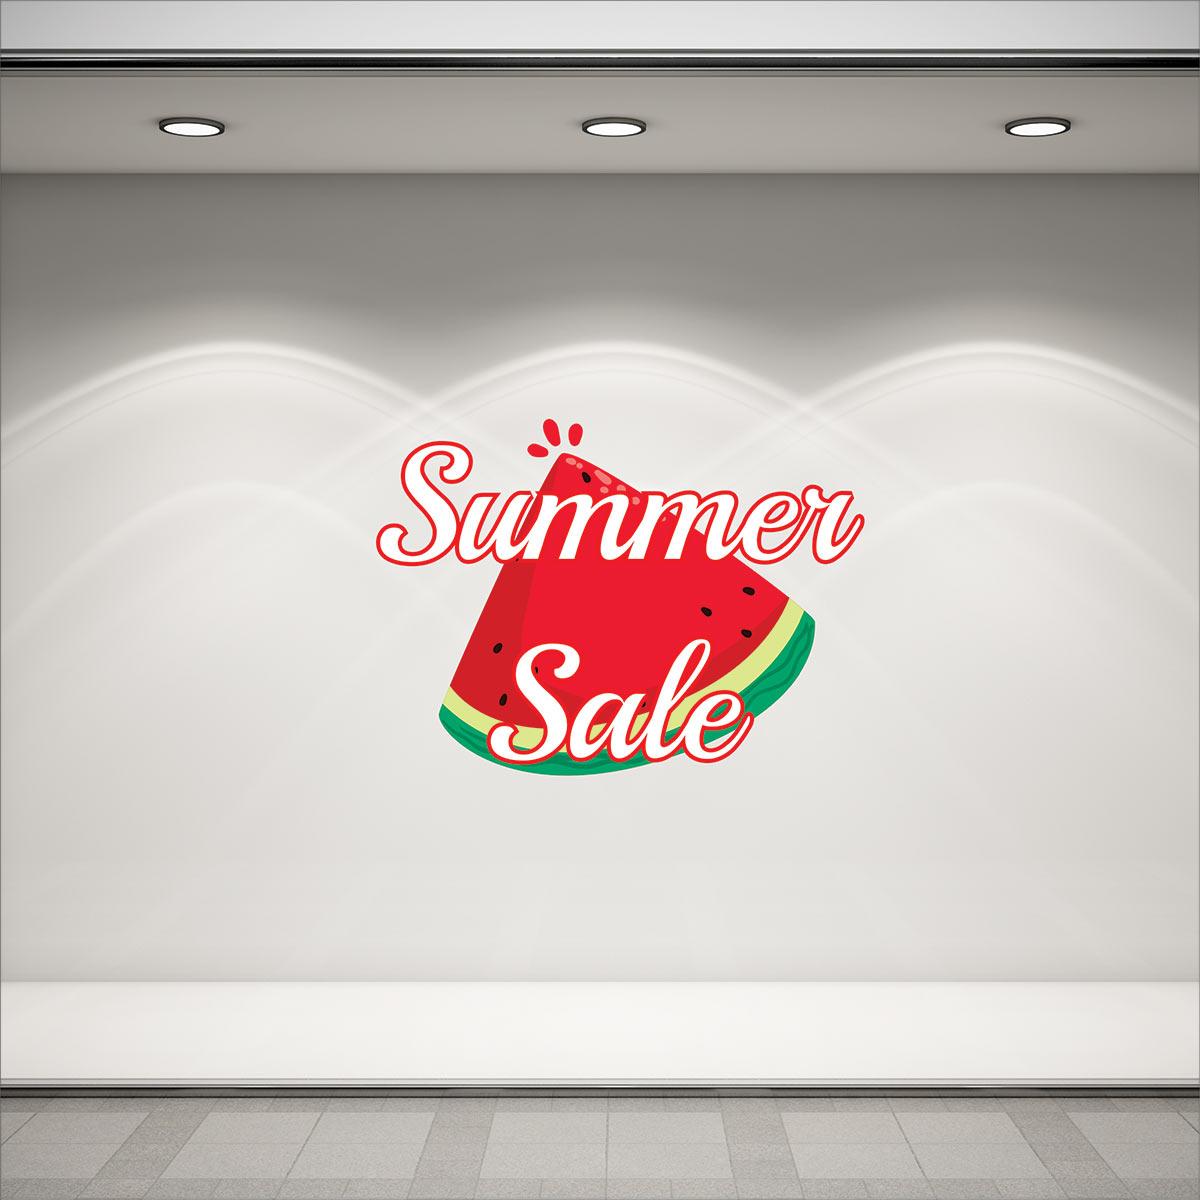 Αυτοκόλλητο καλοκαιρινής βιτρίνας με καρπουζι νο2 summer sales